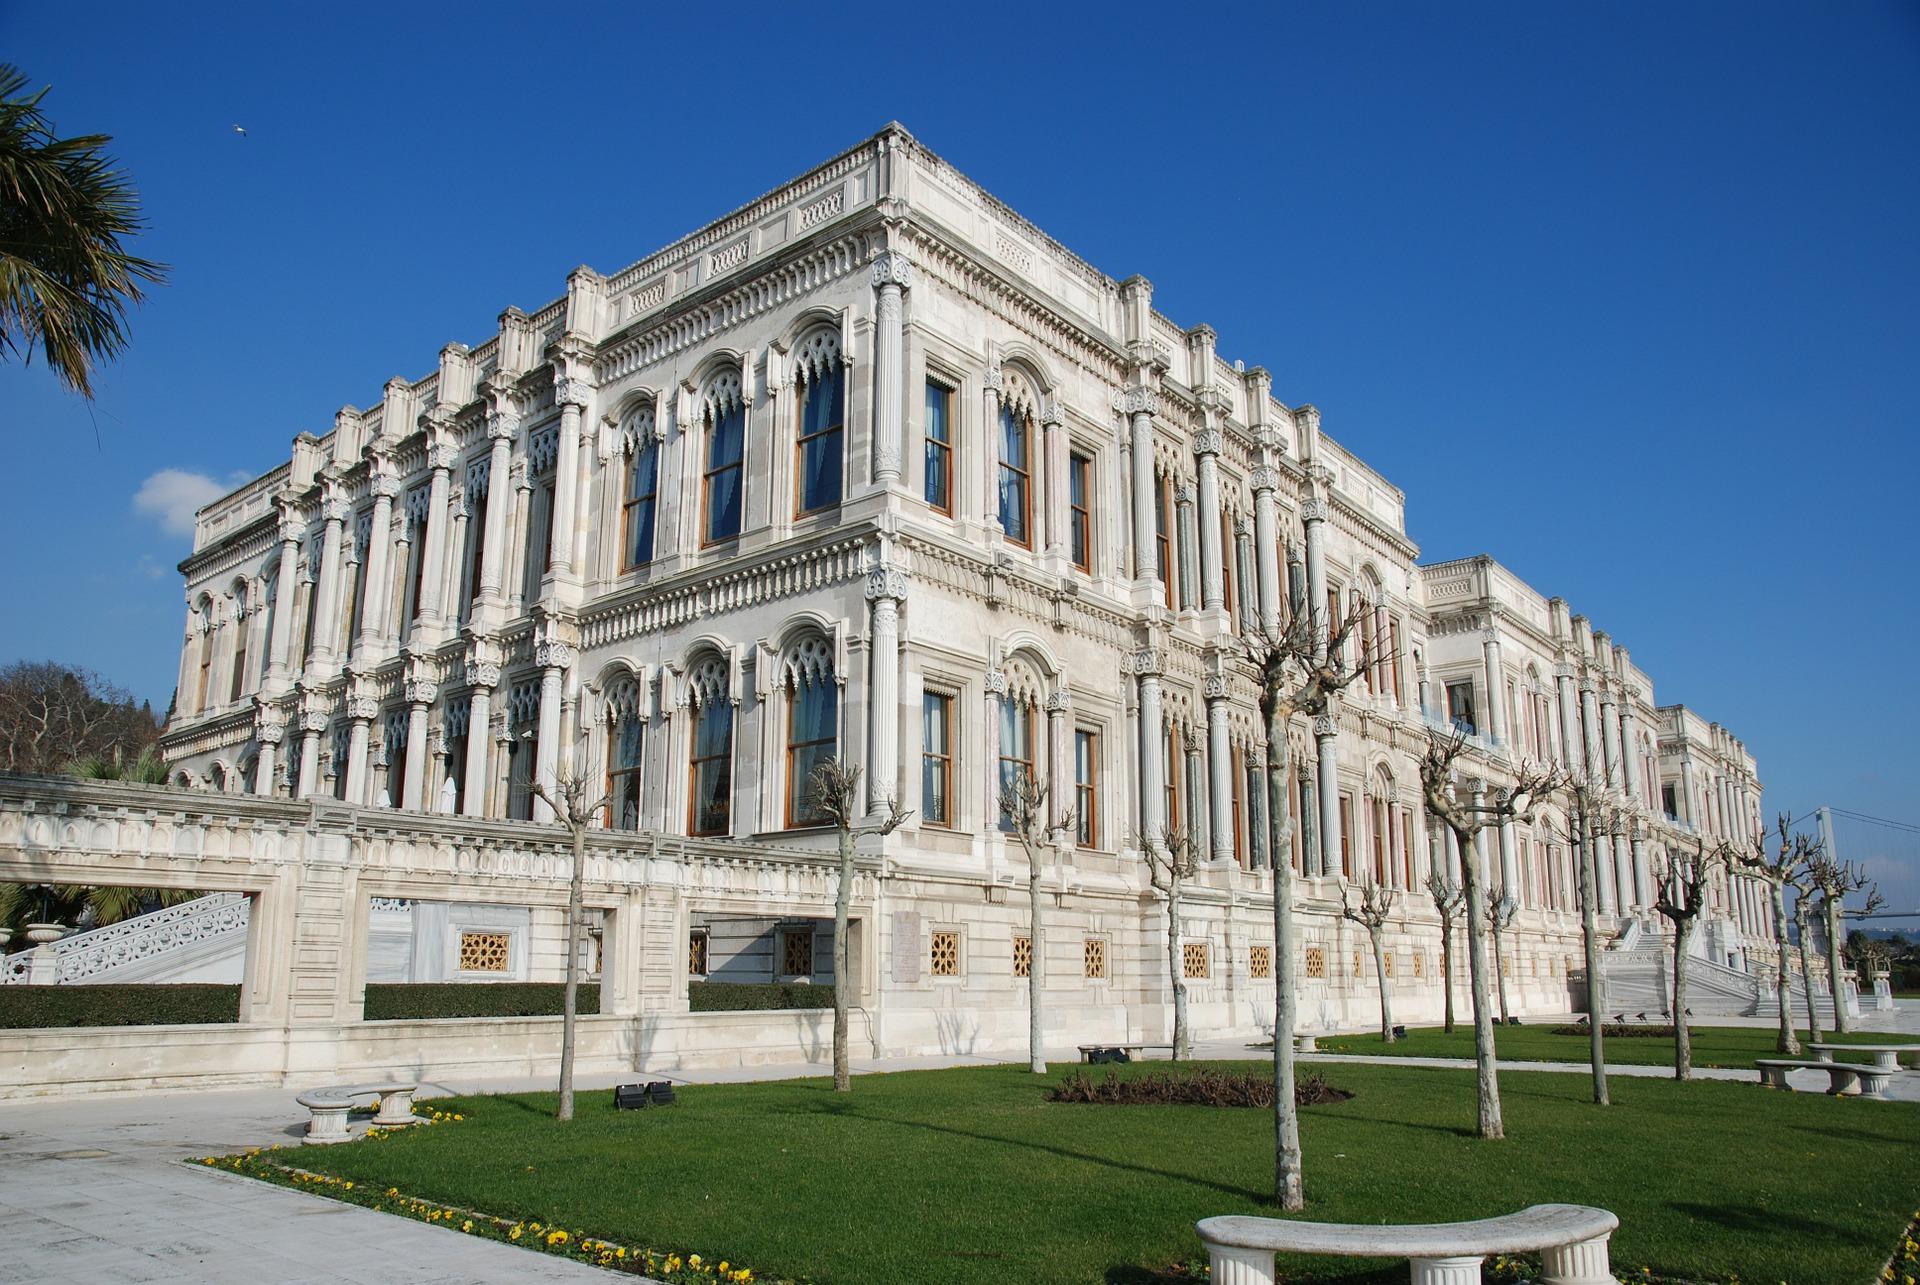 Çırağan (Ciragan) Palace, Istanbul, Turkey